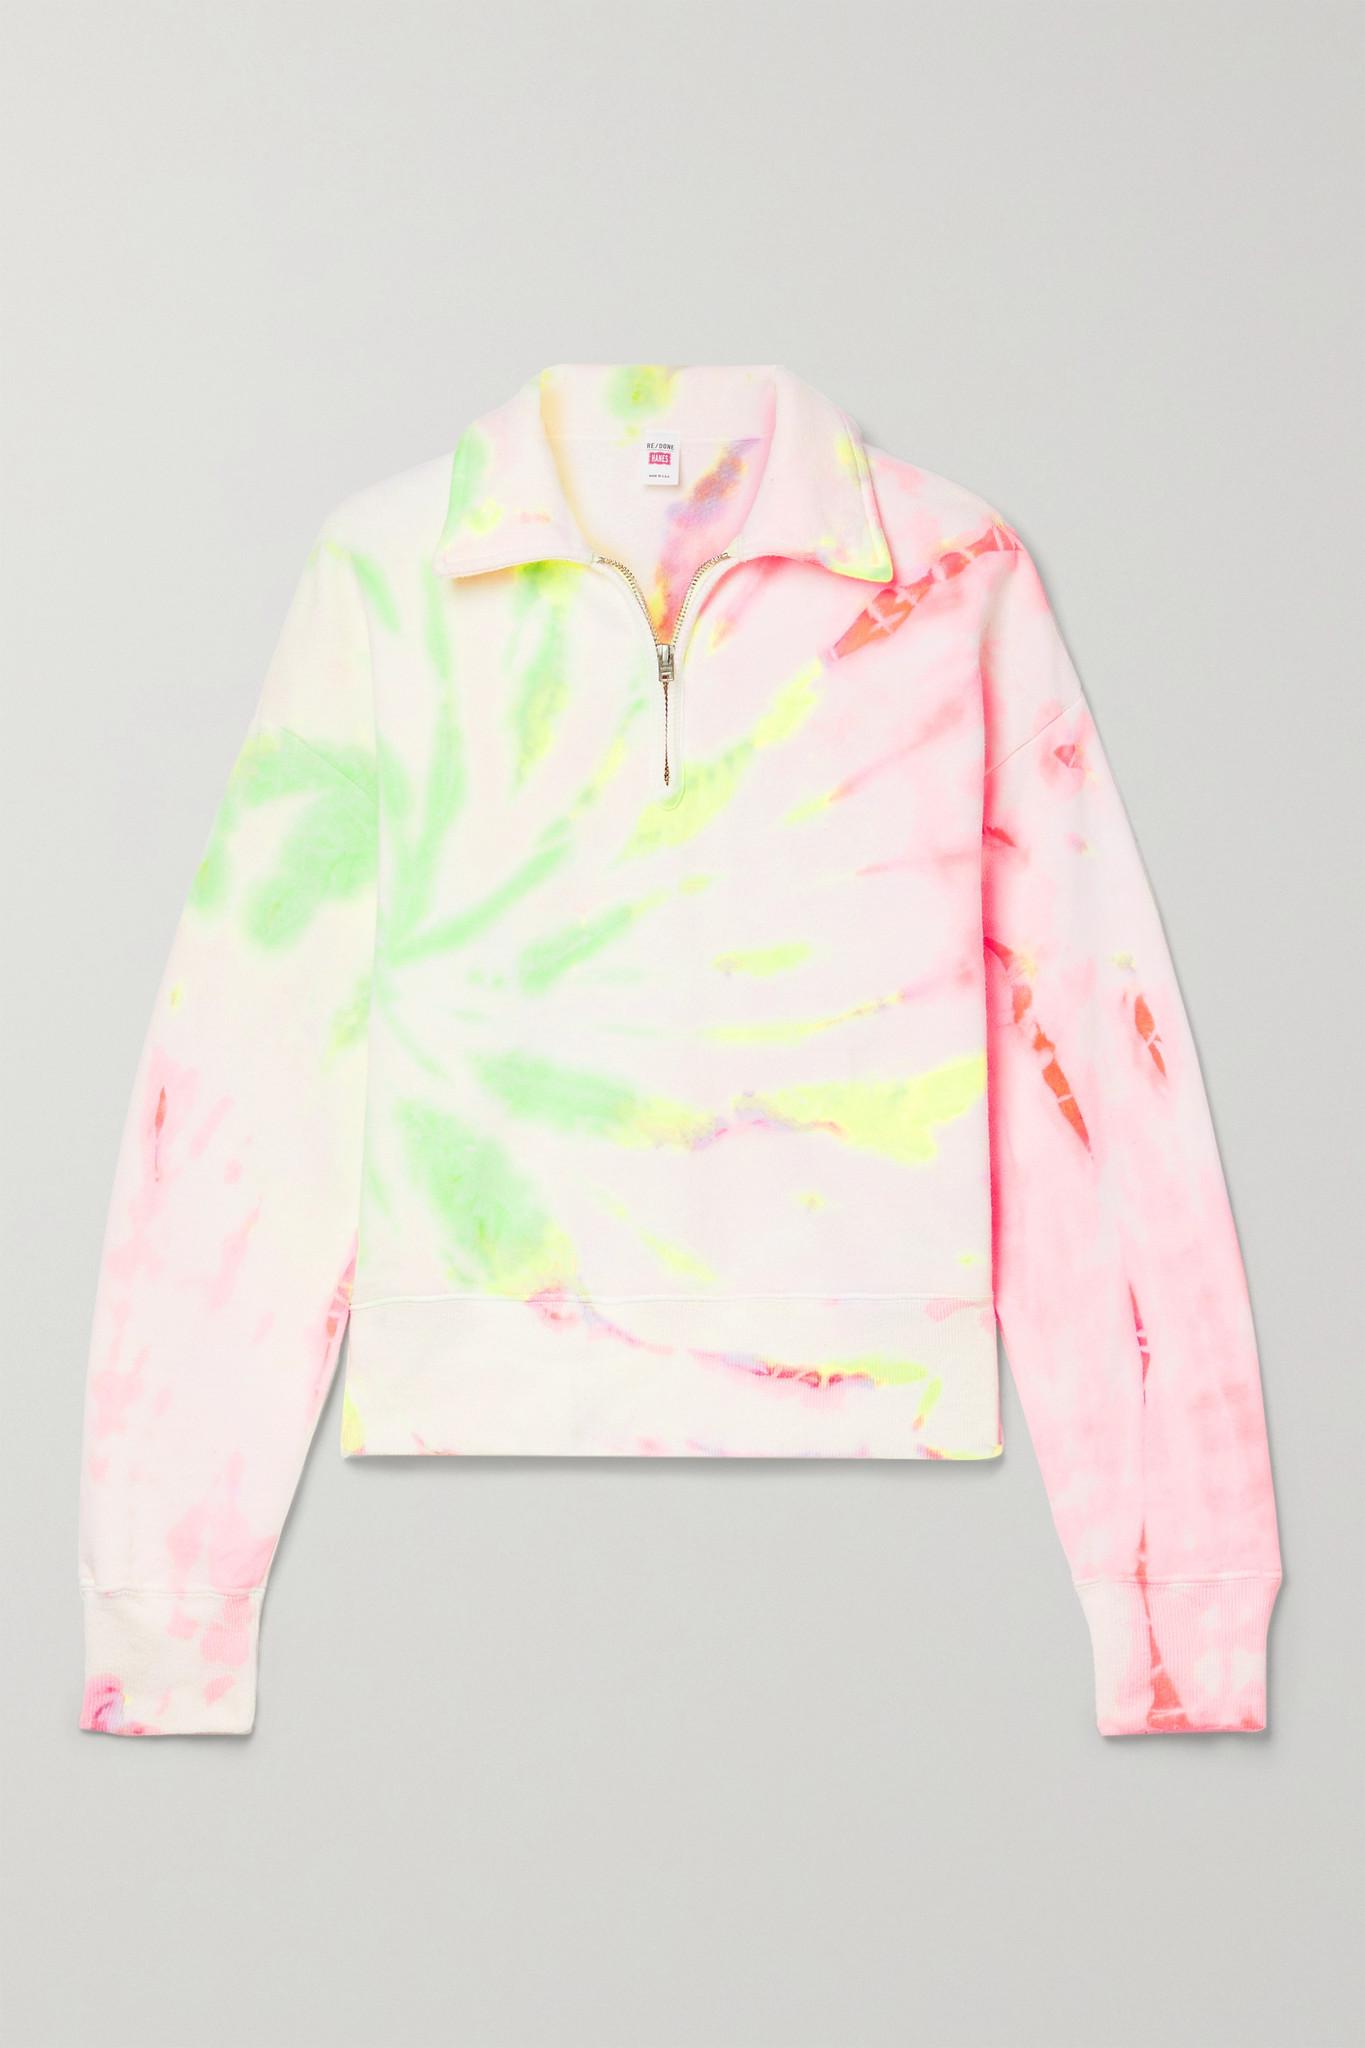 RE/DONE - + Hanes 70s Tie-dyed Cotton-jersey Sweatshirt - Cream - medium